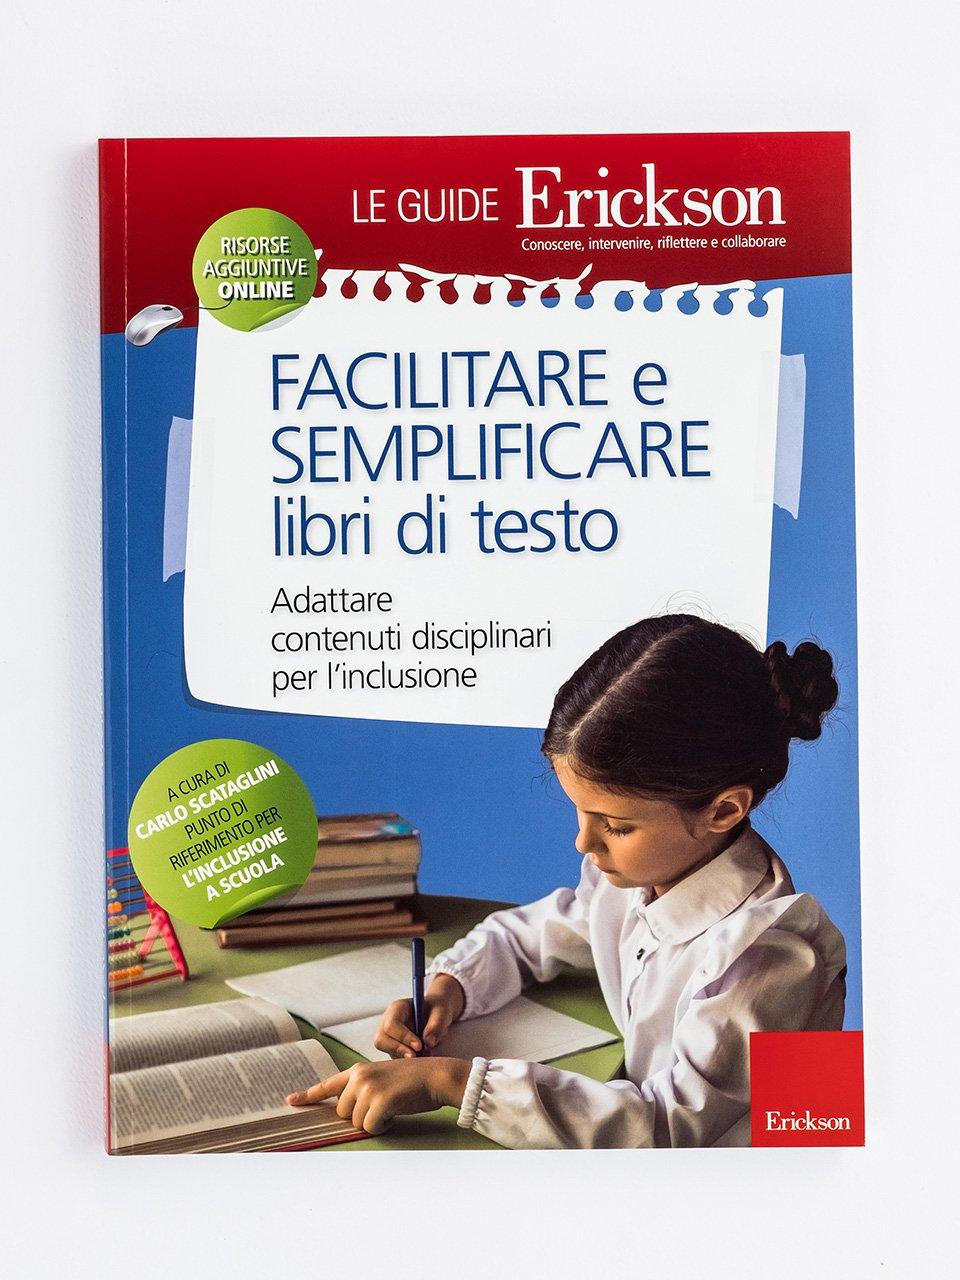 Facilitare e semplificare libri di testo - Topigno e la giungla da salvare - Libri - Erickson